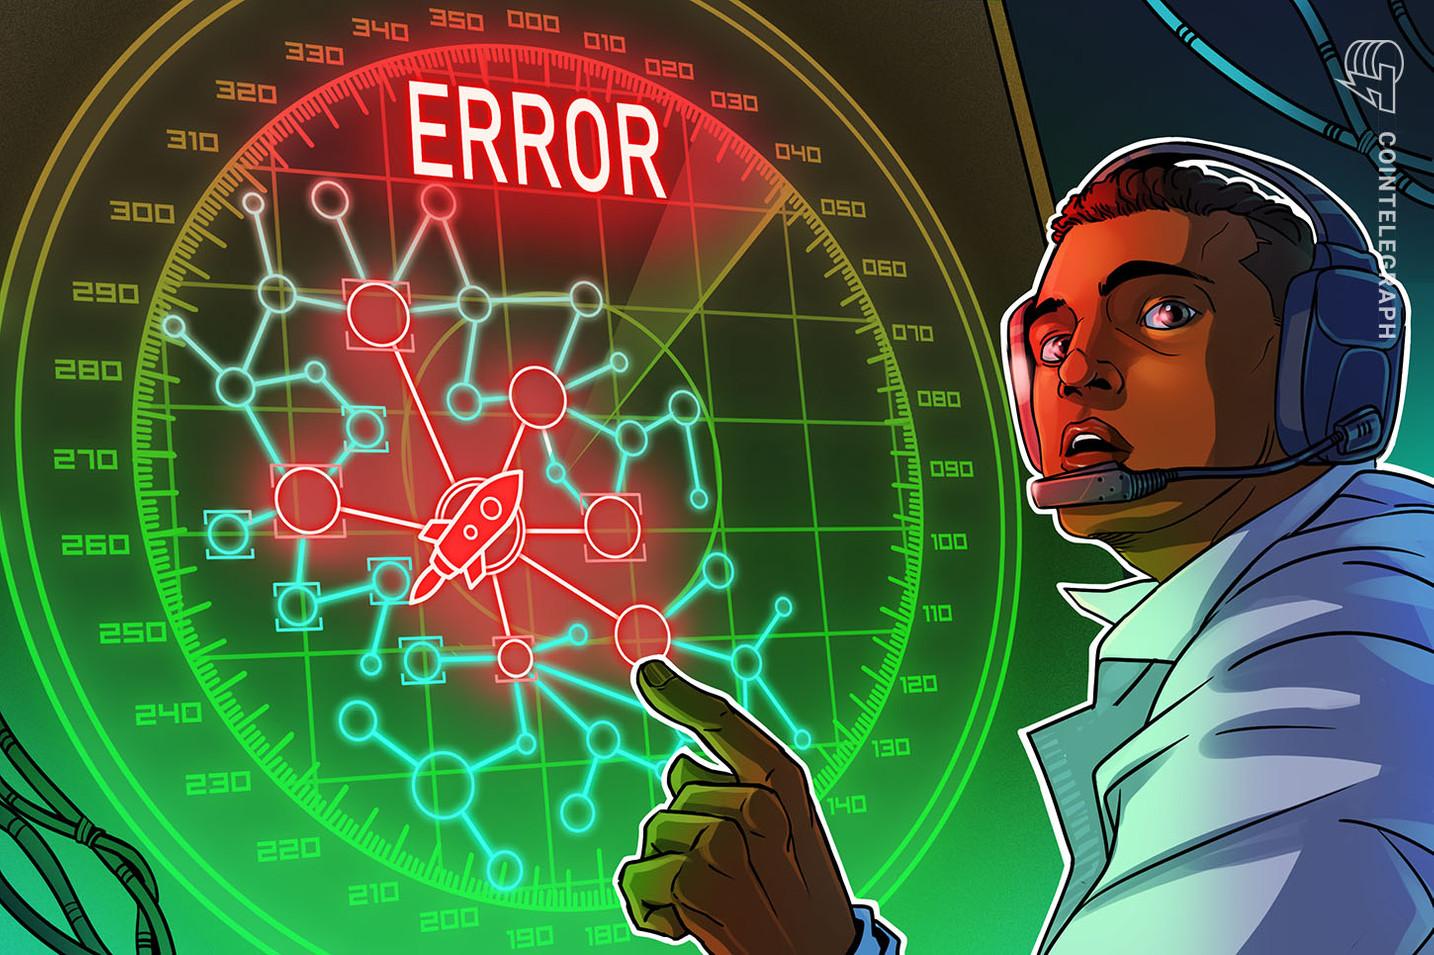 """Un exchange descentralizado de criptomonedas desactiva el trading debido a una """"Vulnerabilidad crítica de seguridad"""""""